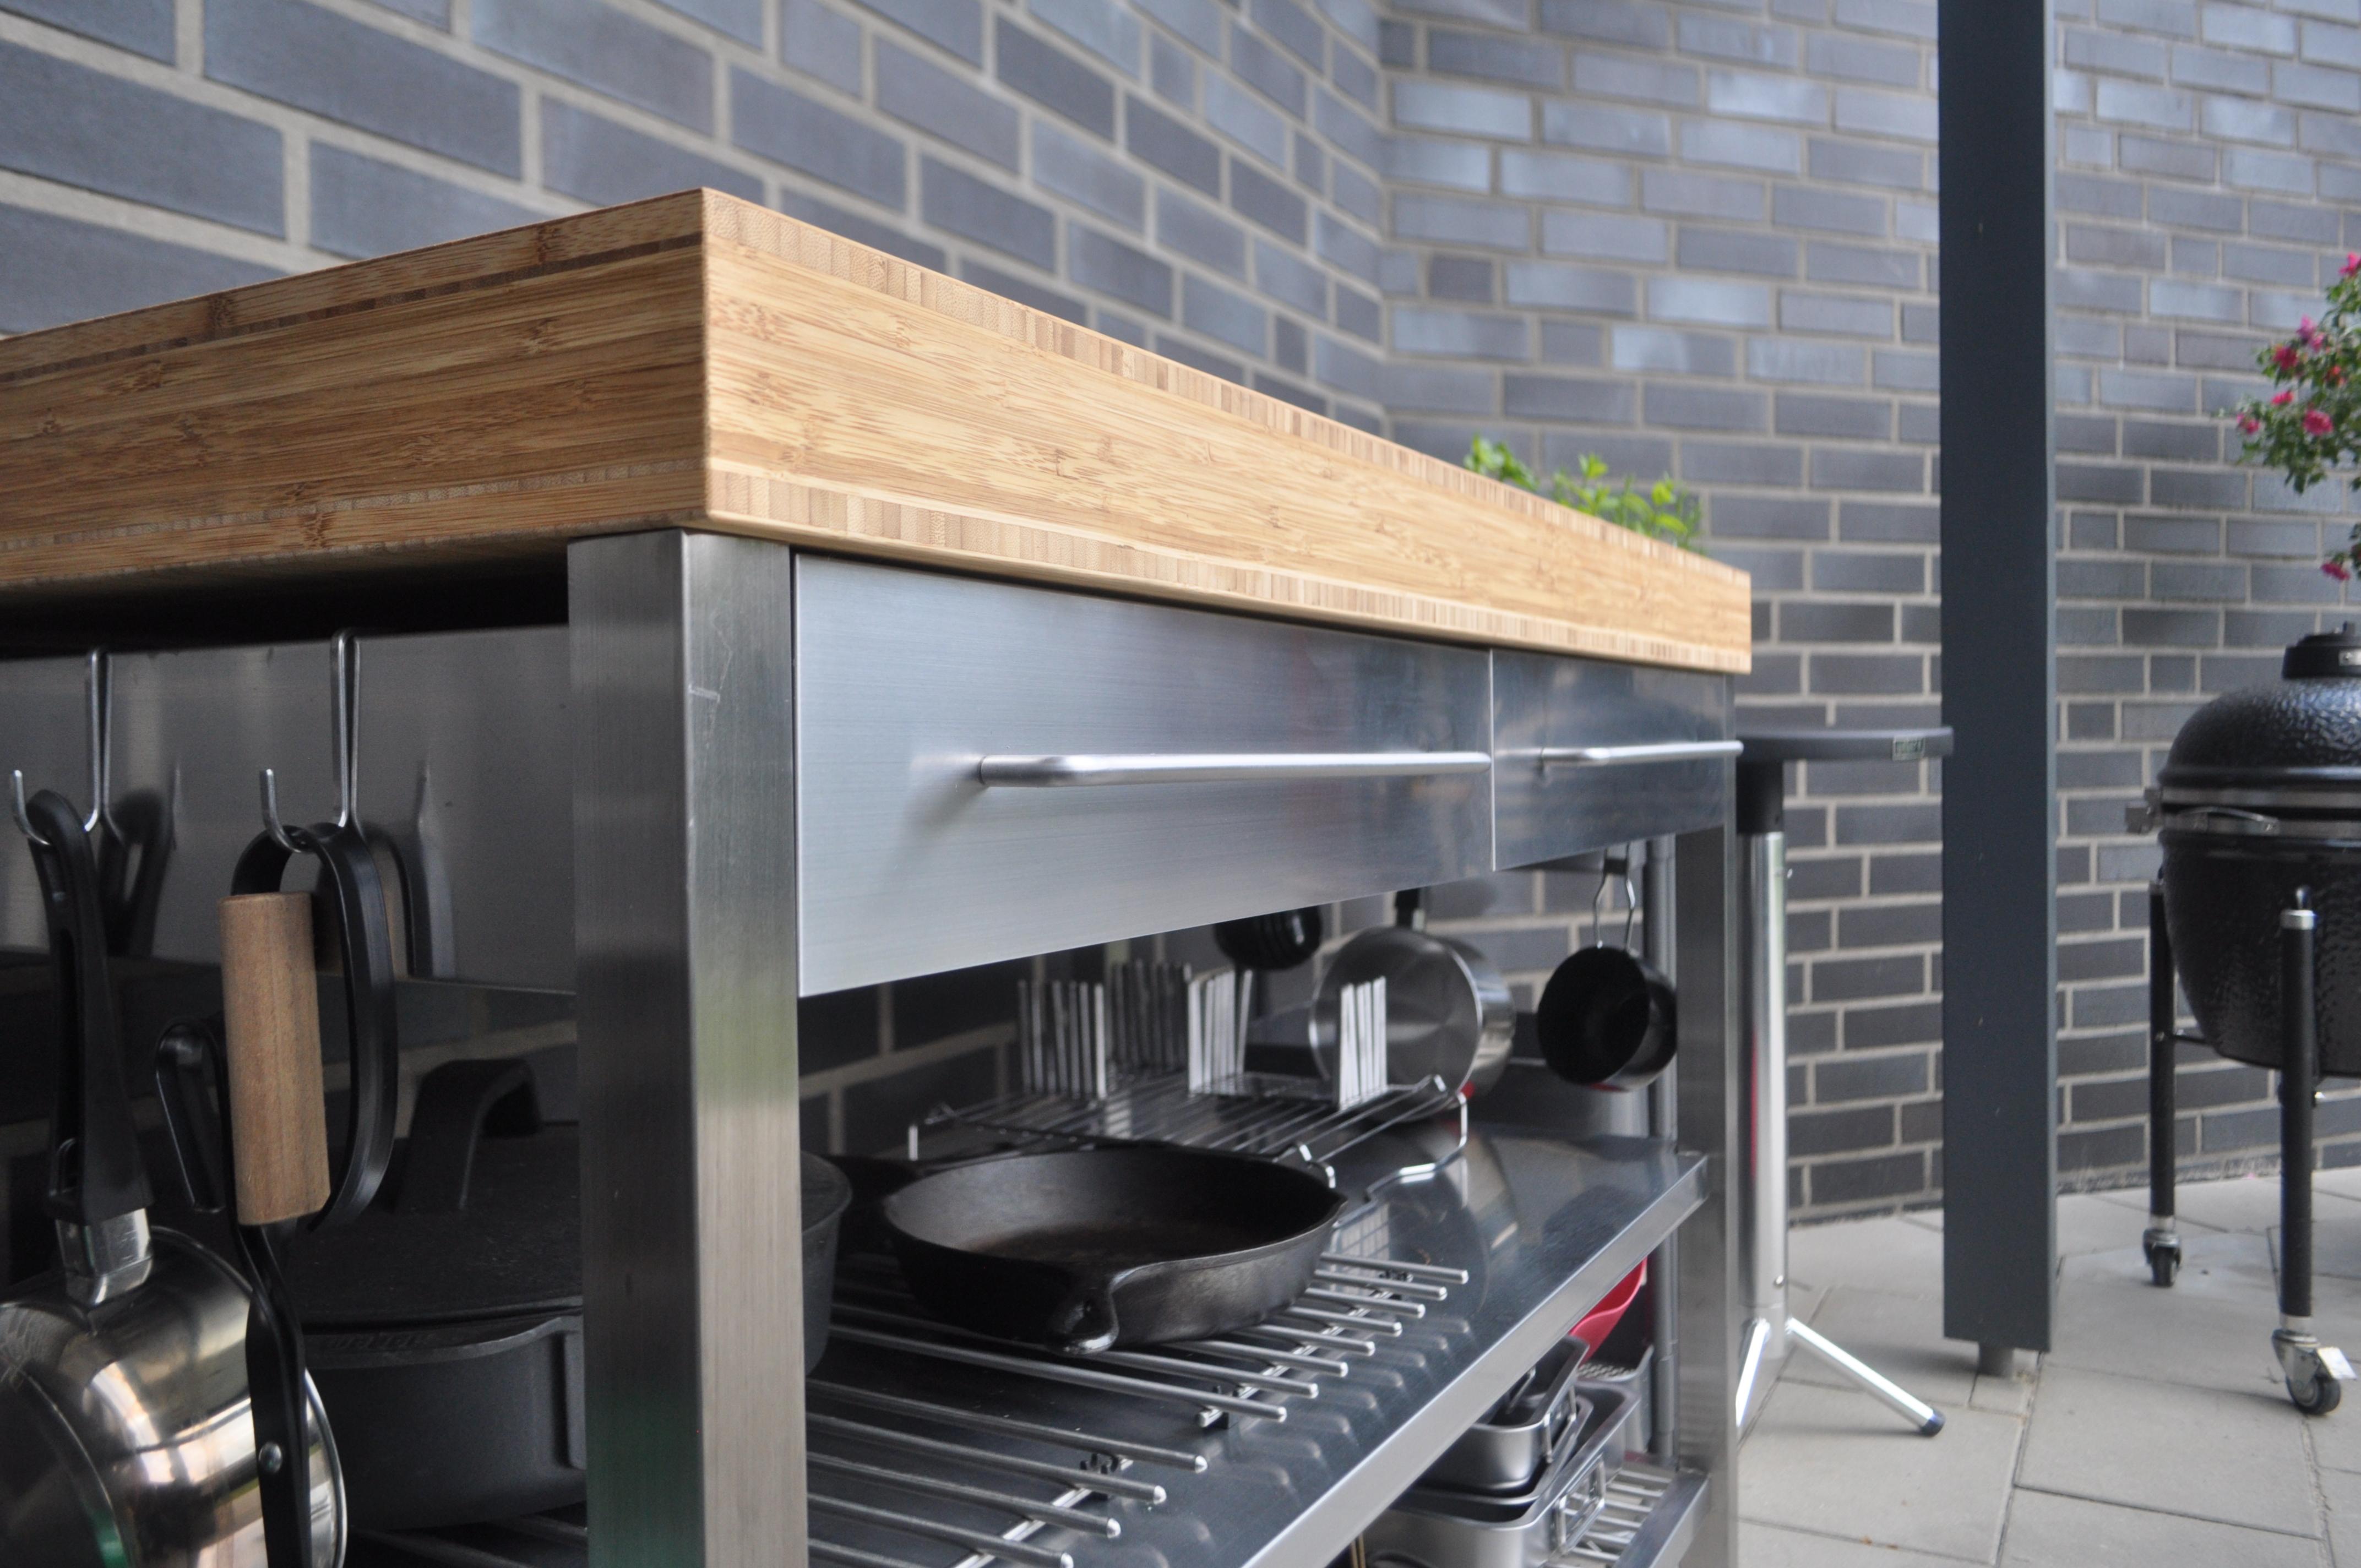 Outdoorküche Holz Test : Outdoorküche holz test küche kaufen test arbeitsplatte küche test